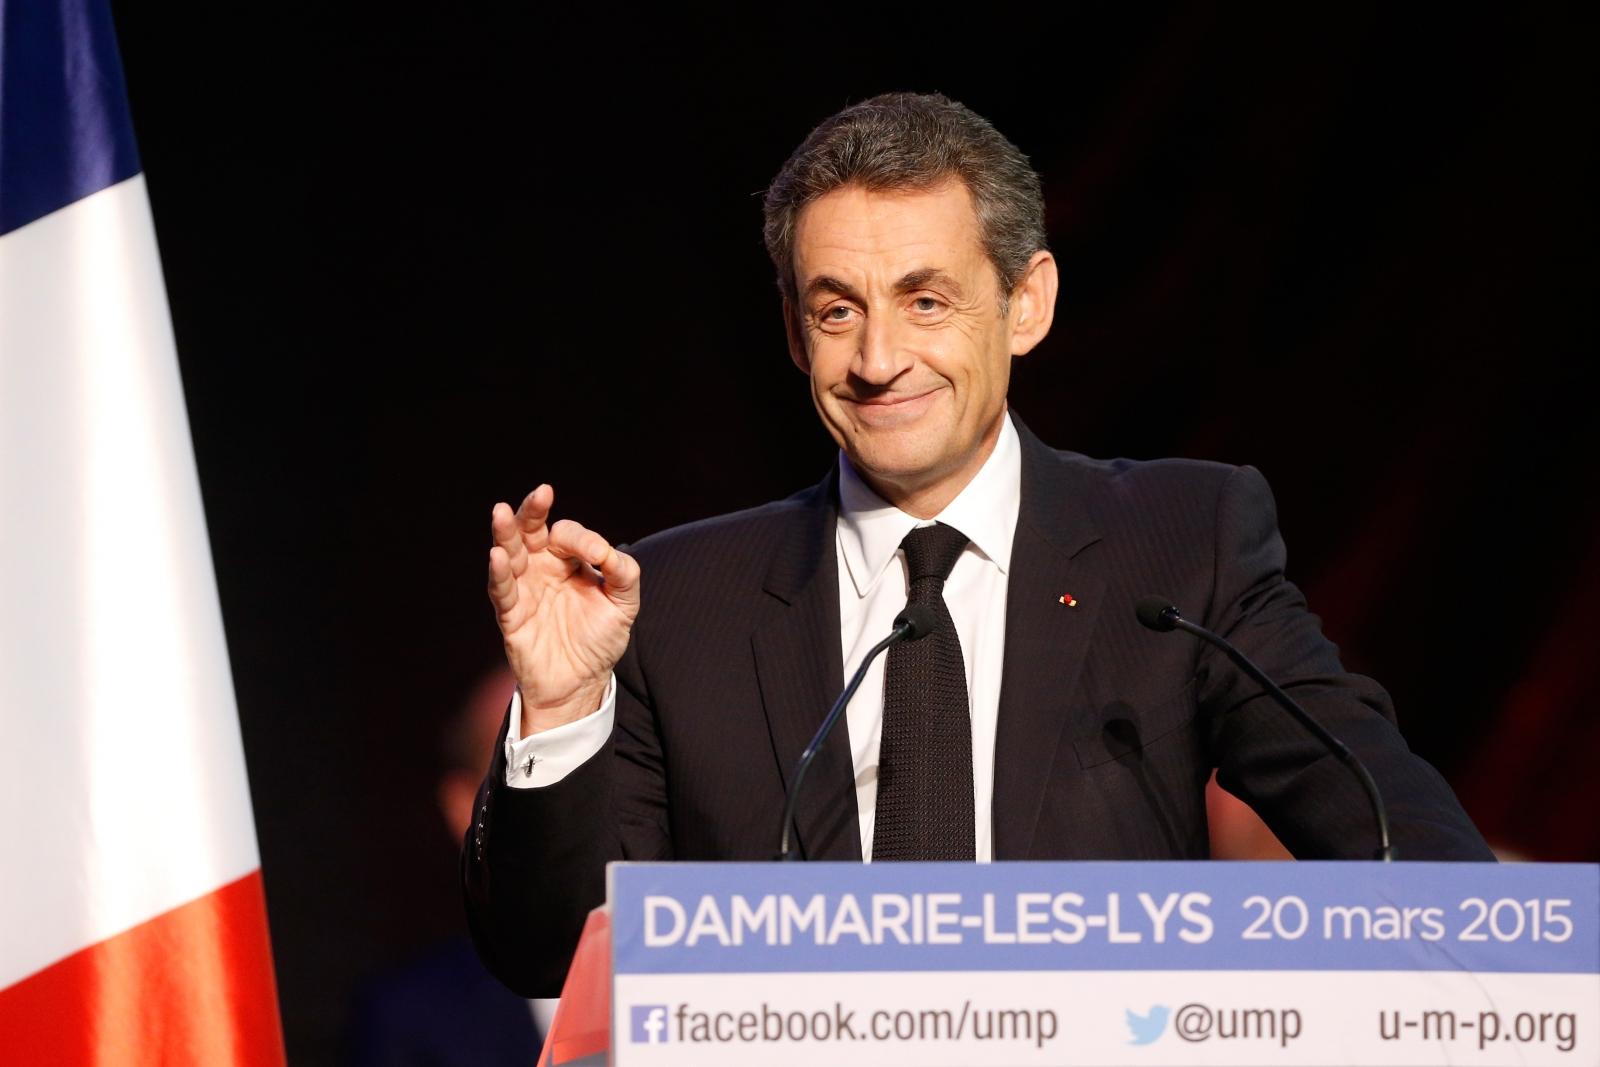 Nicolas Sarkozy's UMP party